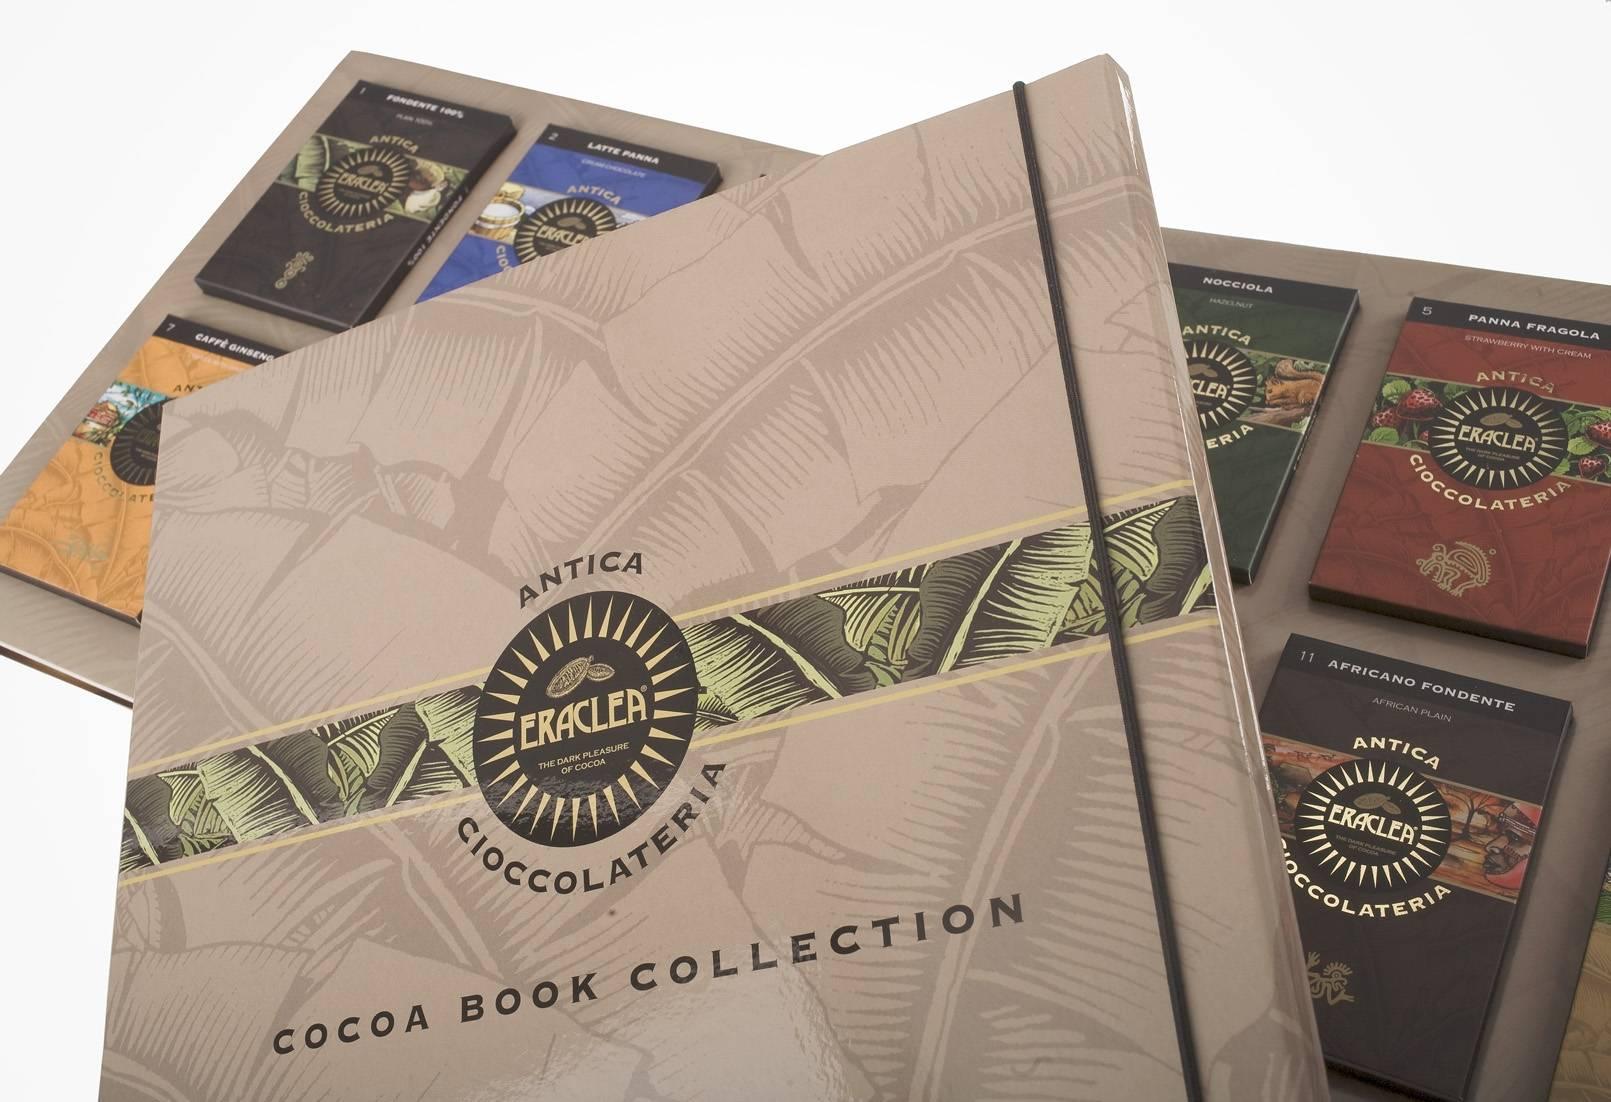 Cocoa book collection 12 tastes